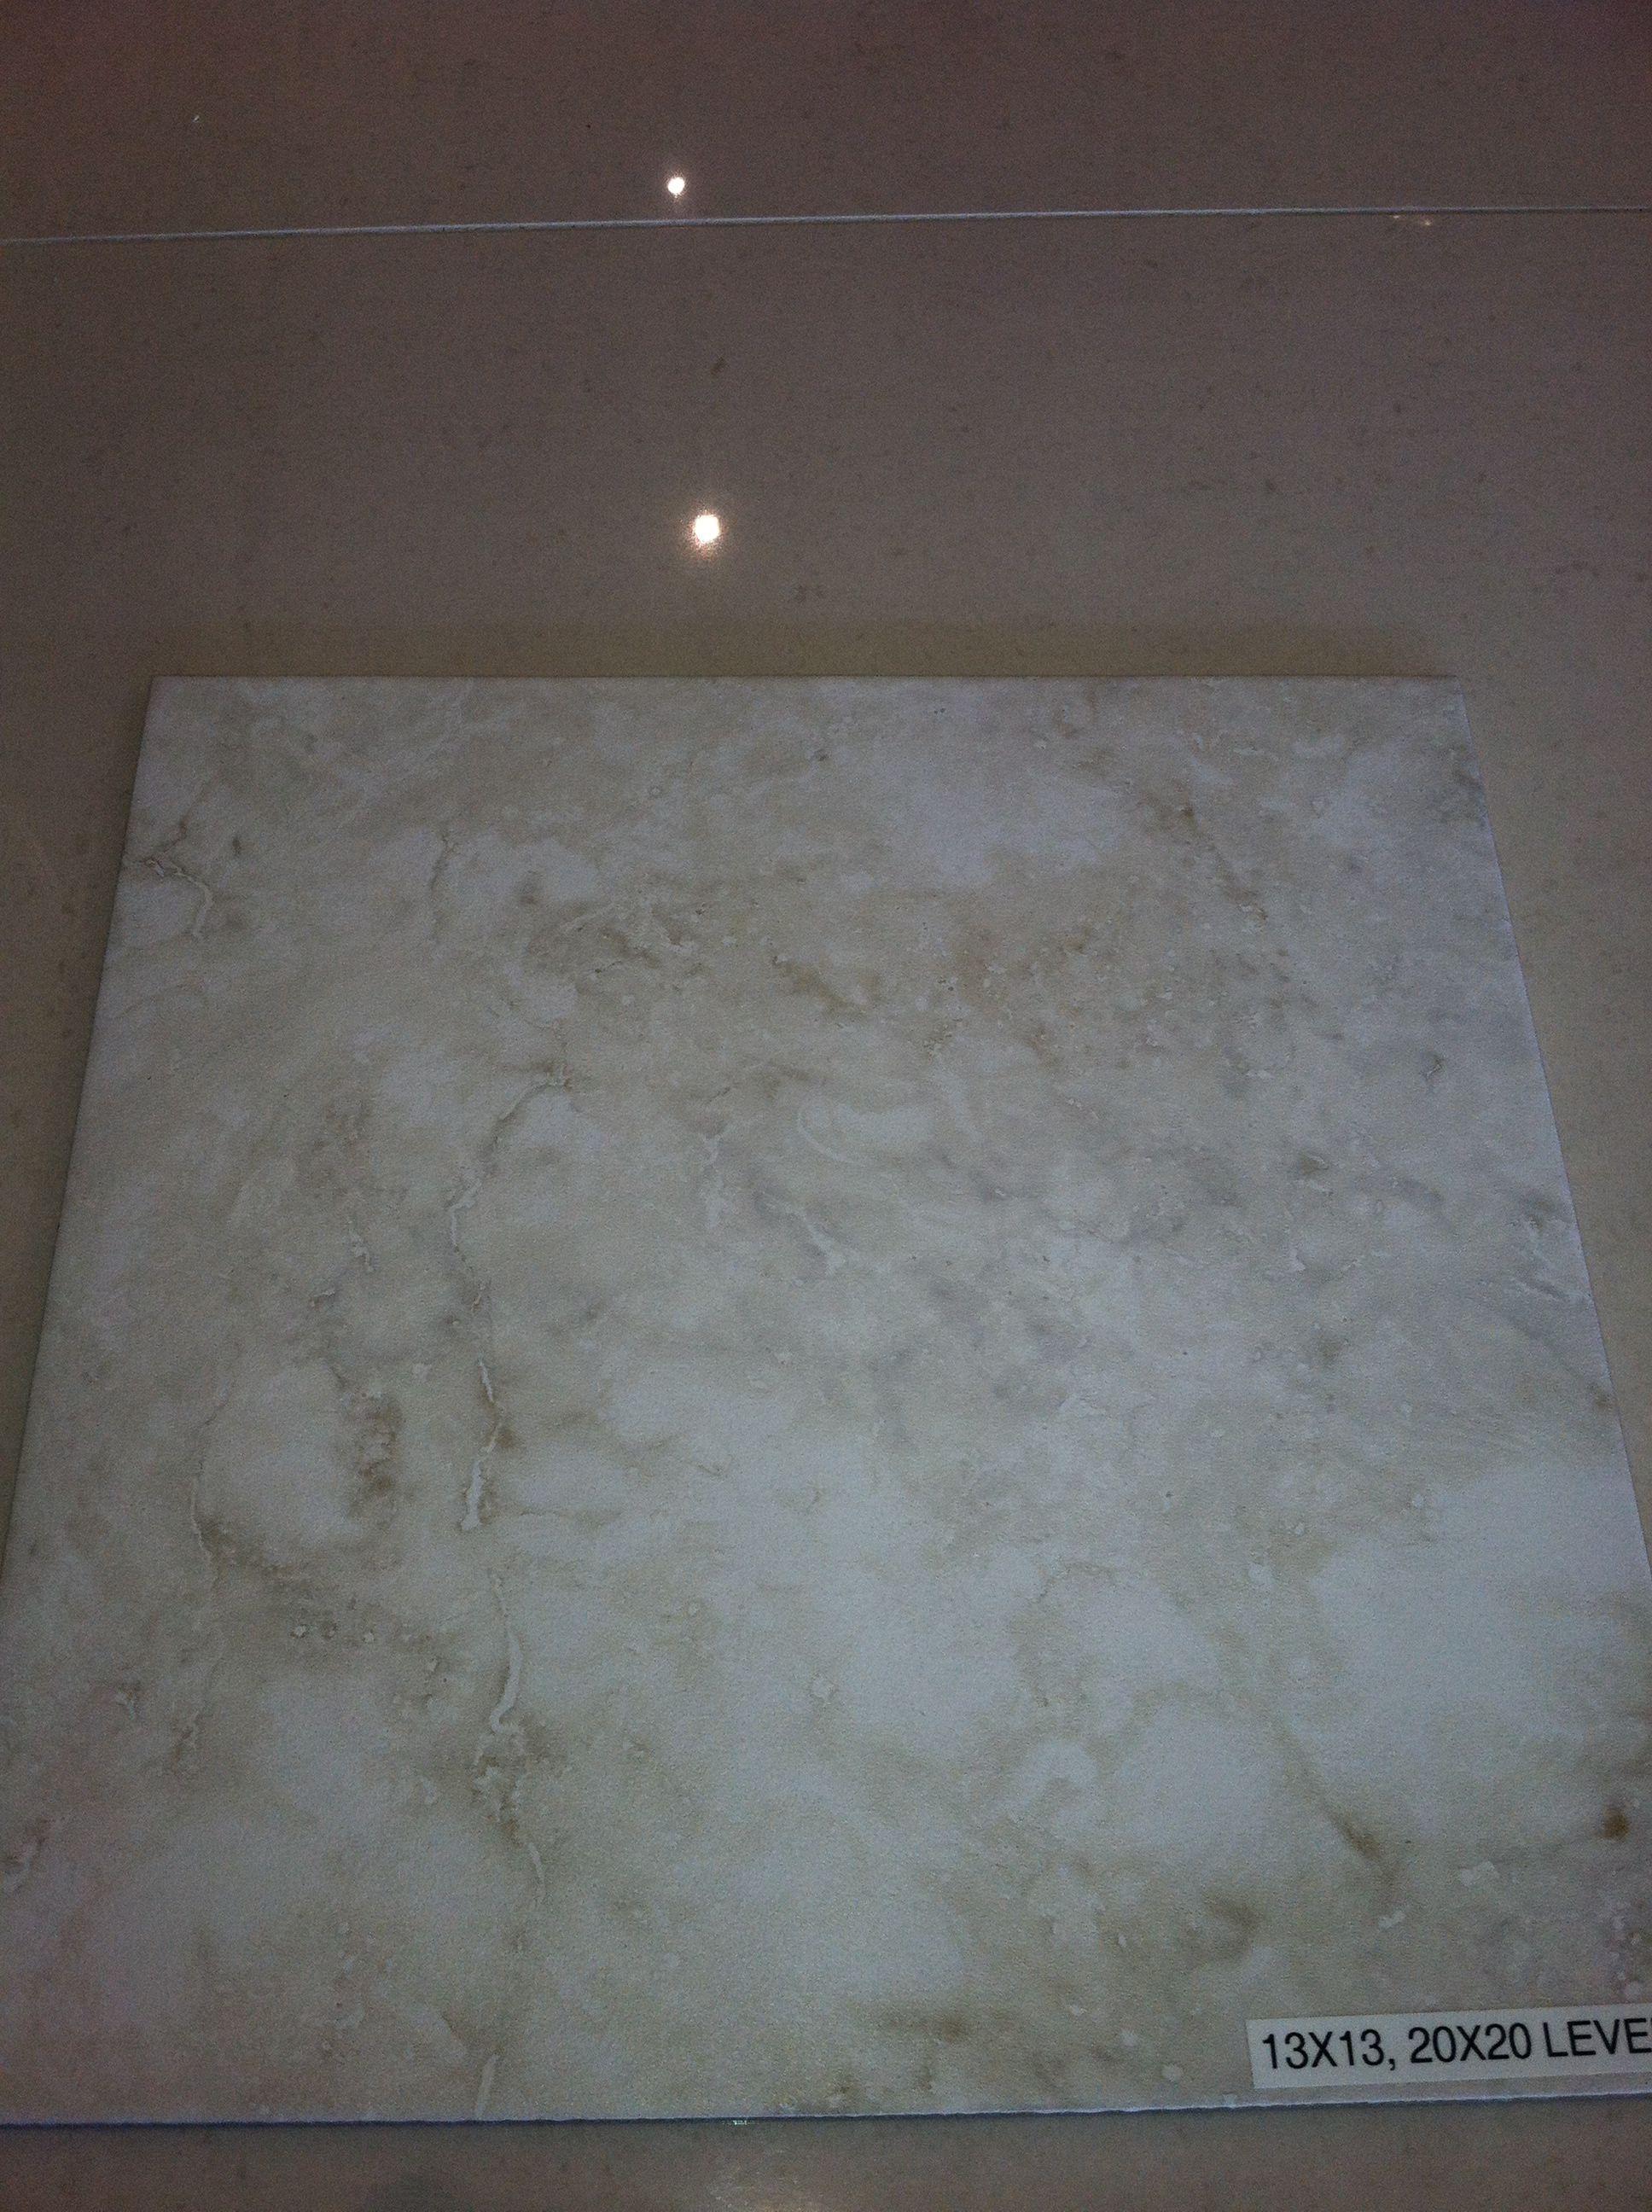 Bath 3 Tile Dv97 Floor Tile 20x20 Straight Wall 13x13 Straight